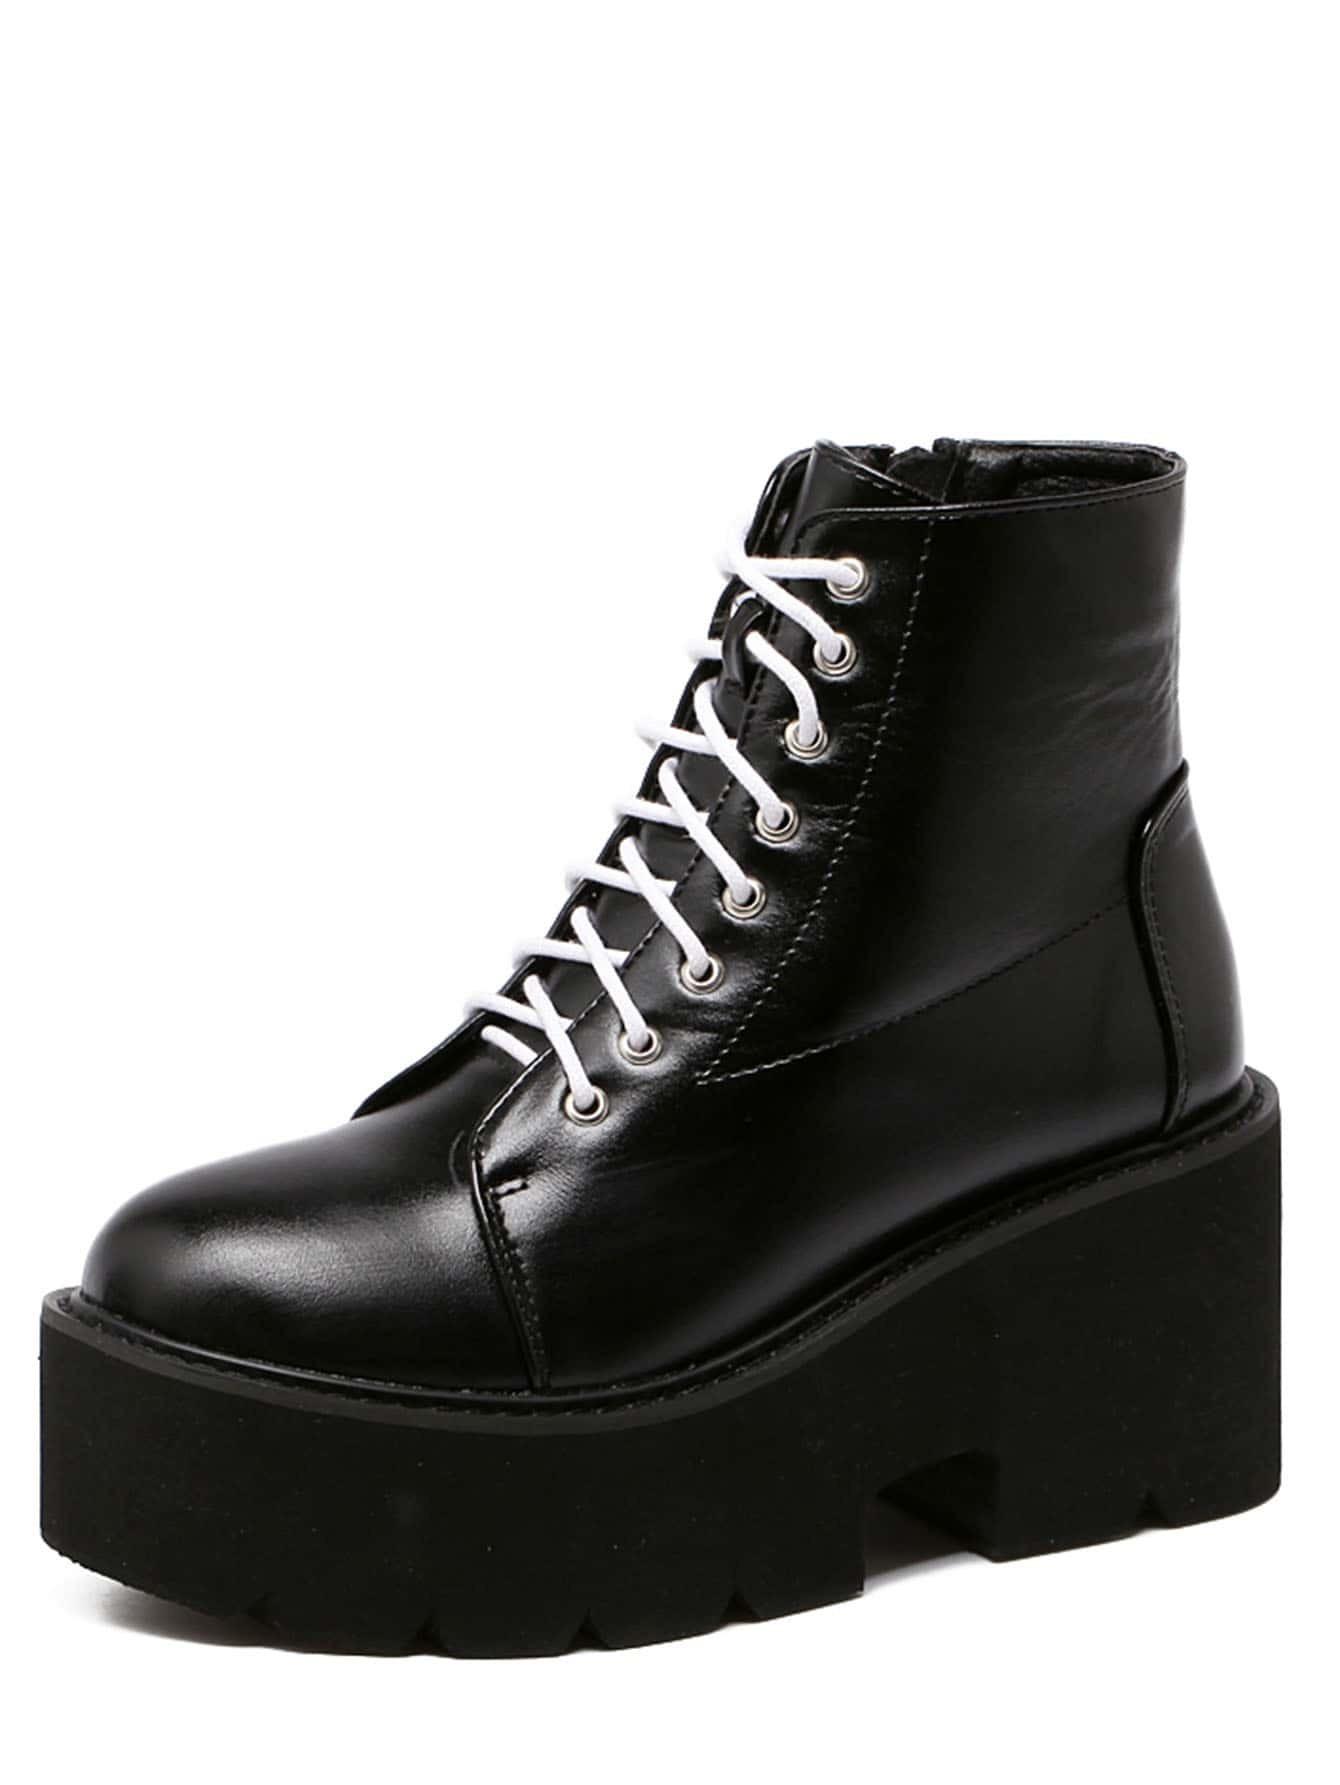 shoes160906802_2